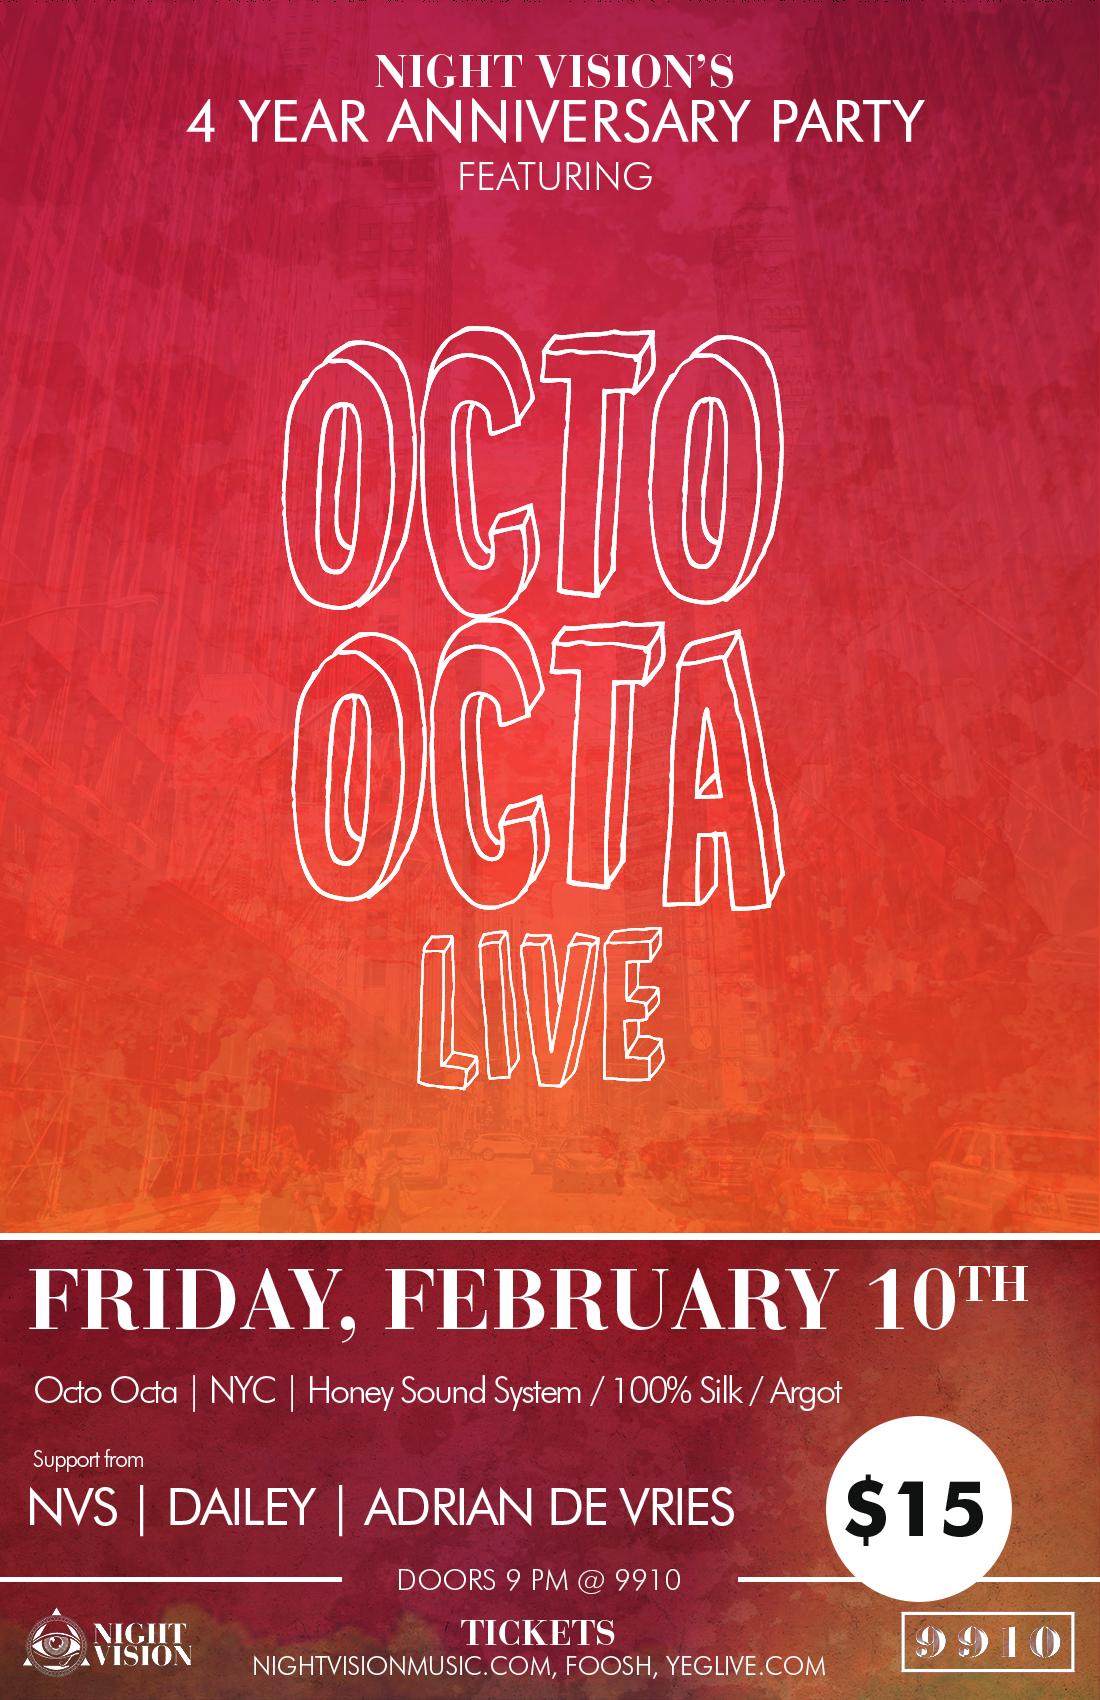 Octo Octa in Edmonton at 9910, Night Vision